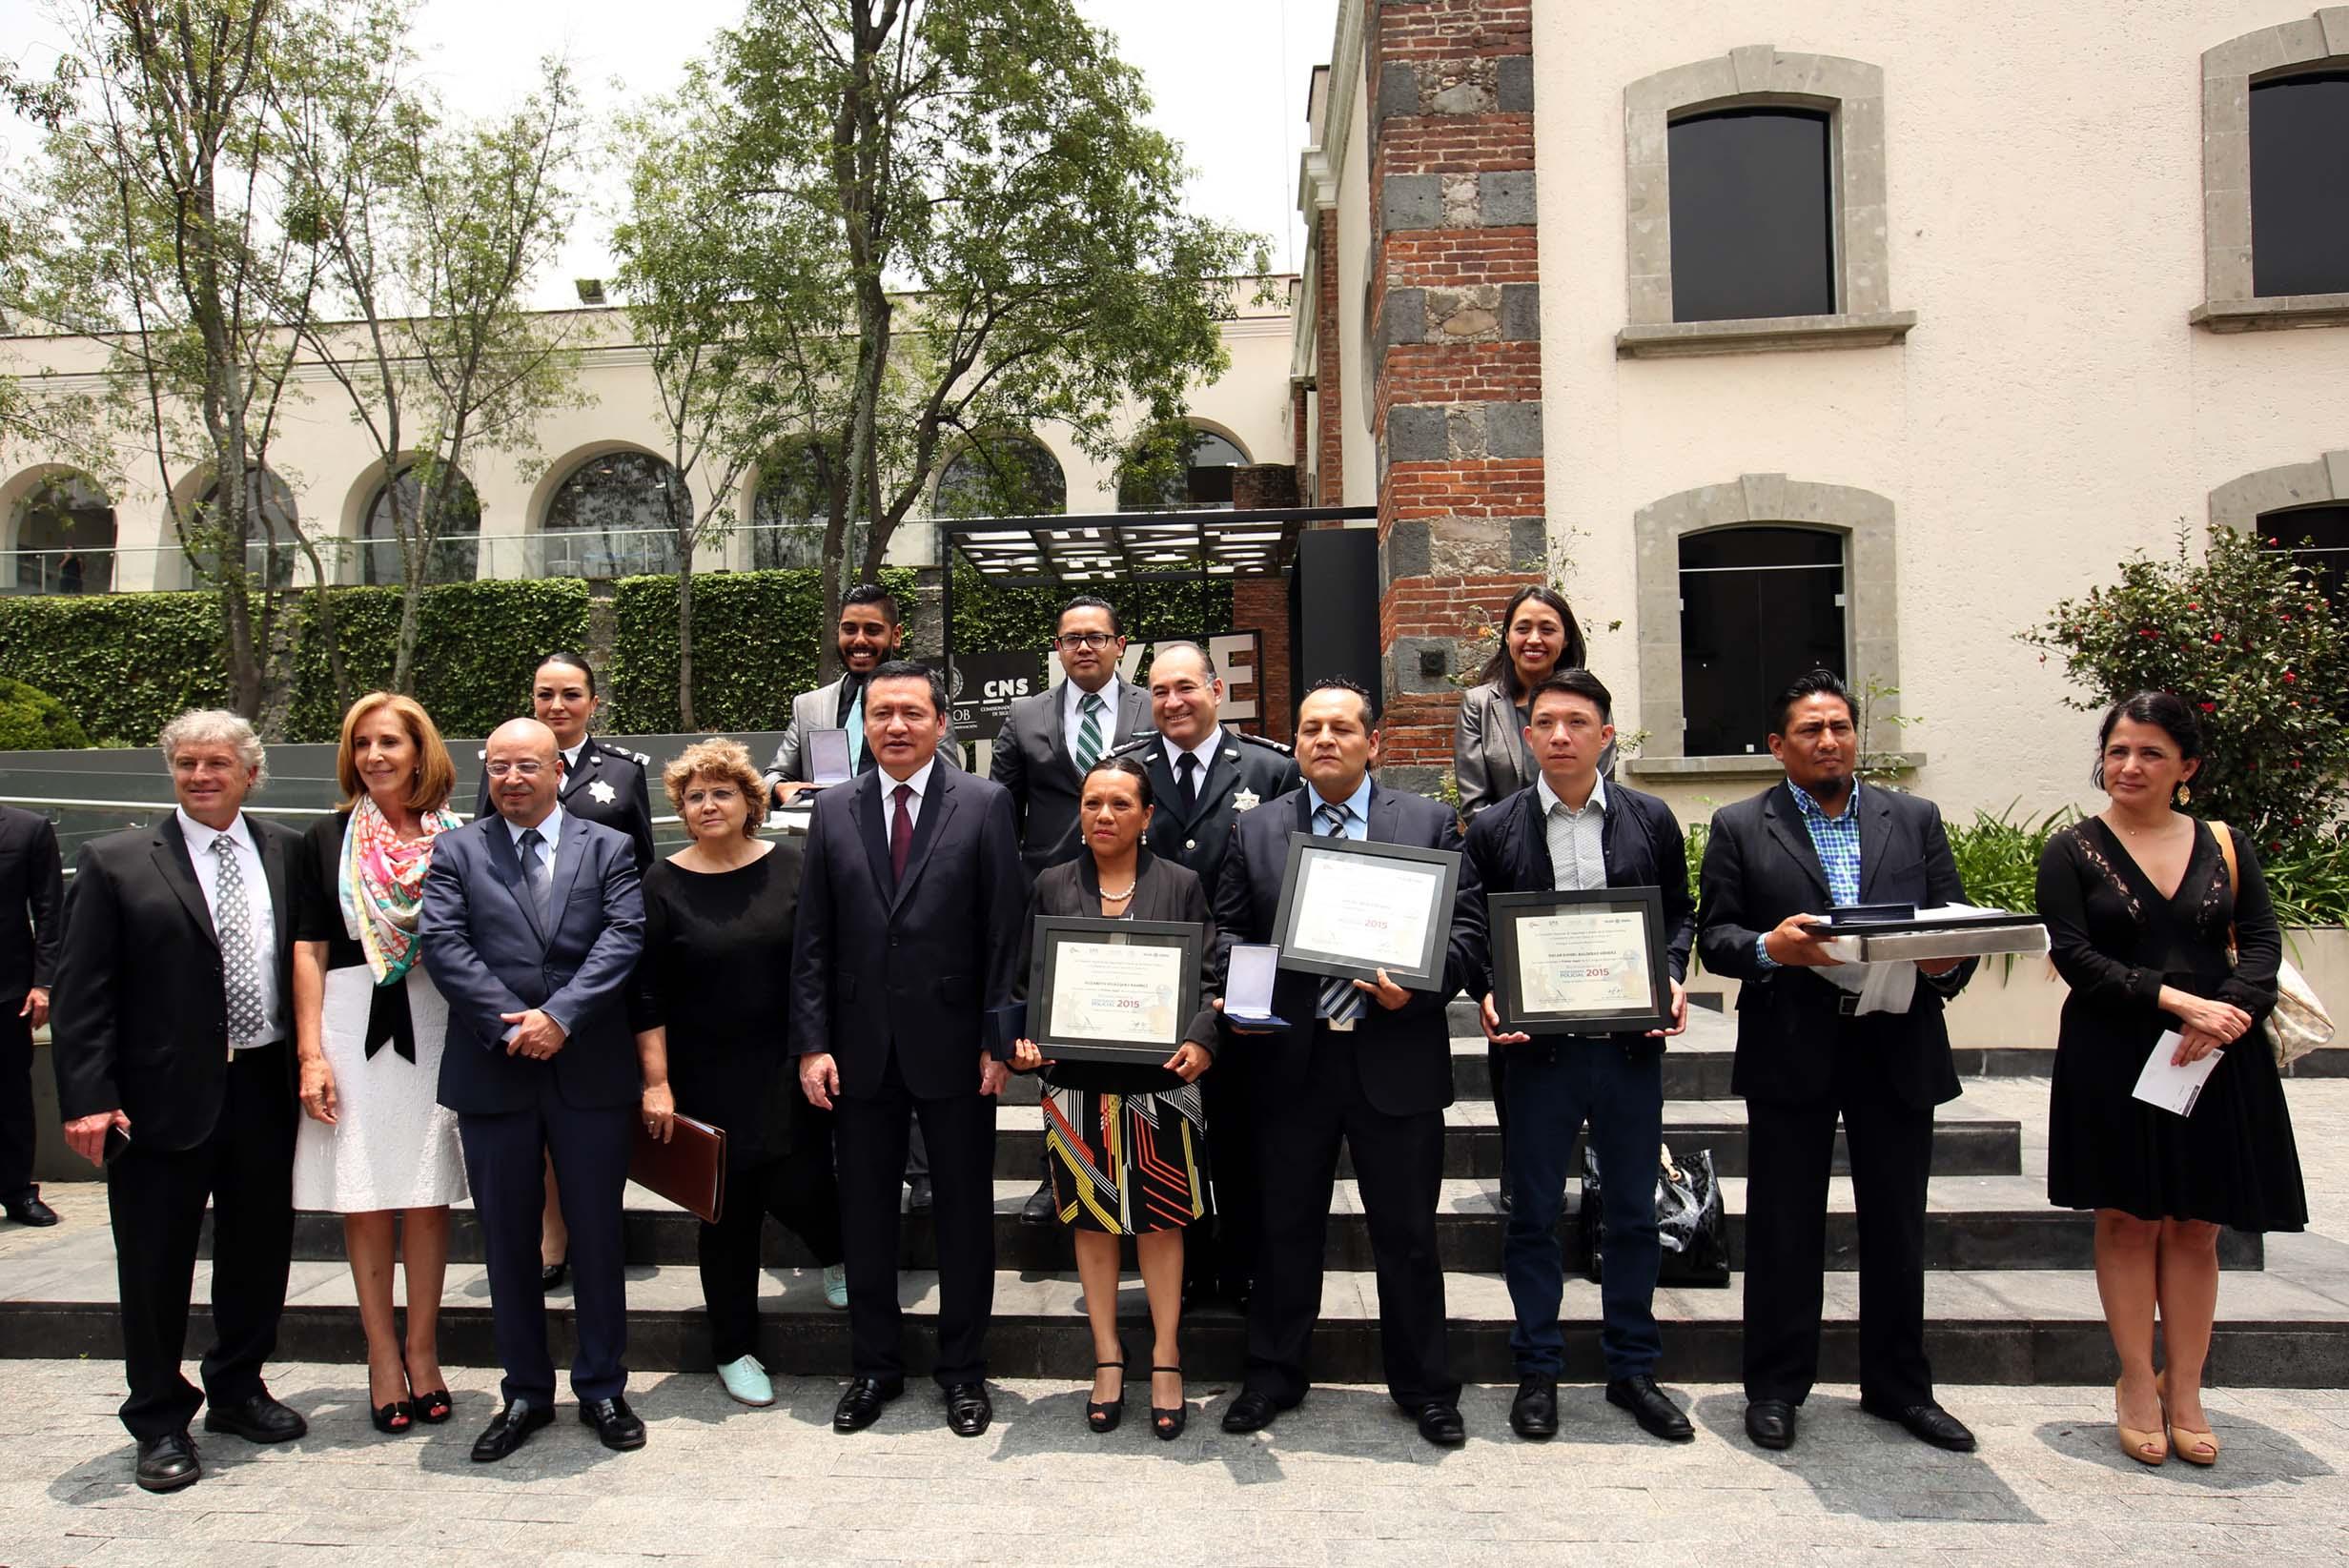 El Secretario de Gobernación, Miguel Ángel Osorio Chong, encabezó la ceremonia de entrega de Reconocimiento al Periodismo Policial 2015 que se realizó en el auditorio del Museo de la Policía Federal, en la Comisión Nacional de Seguridad